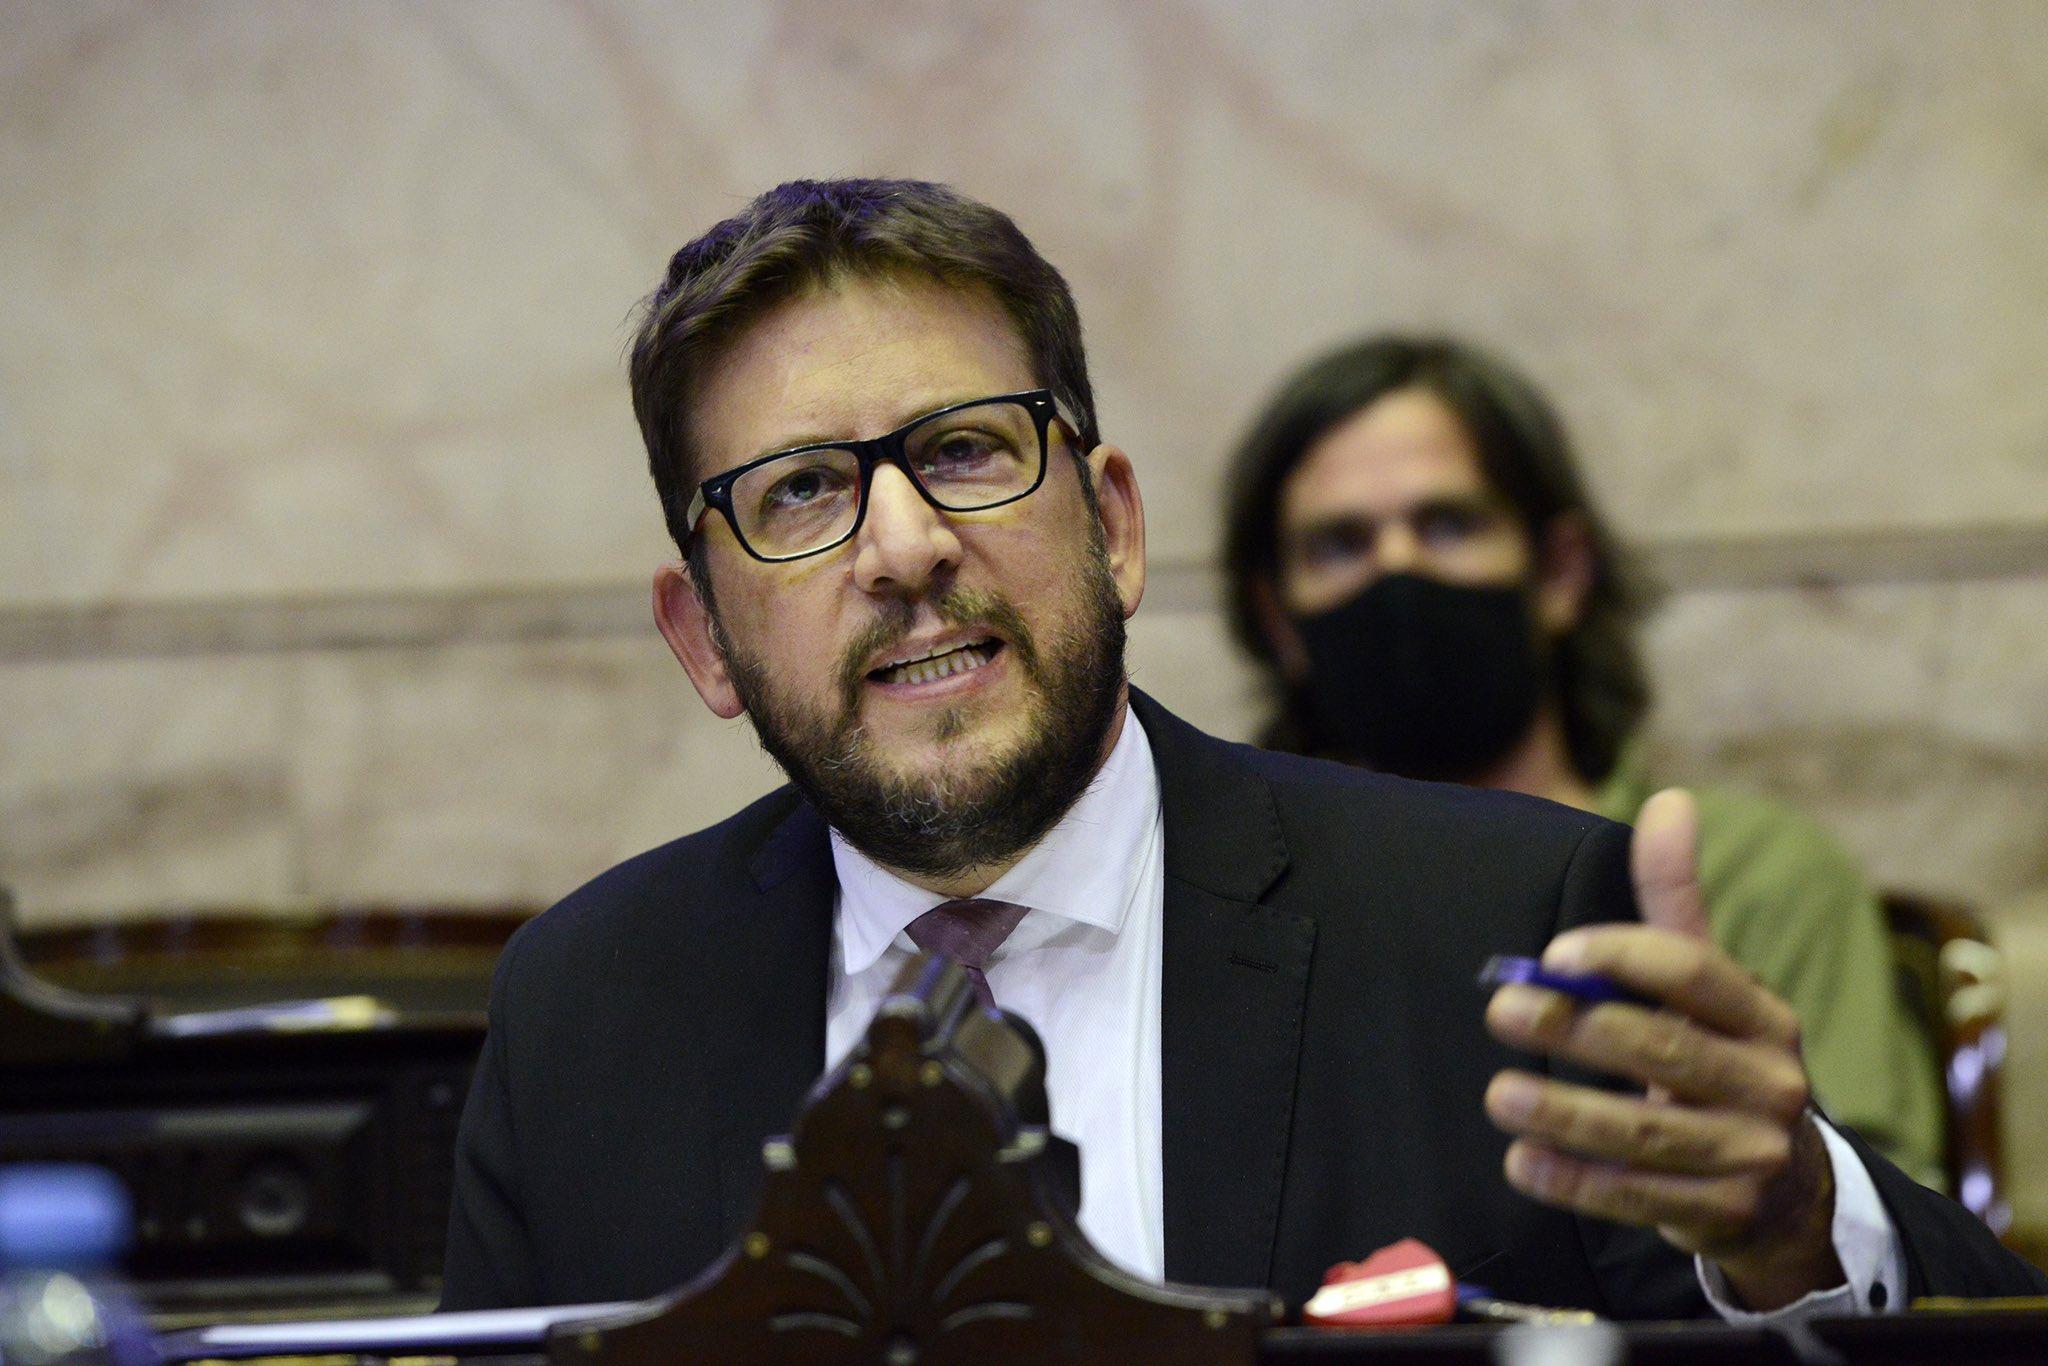 """El diputado Pérez Araujo habló del fallo a favor de La Pampa en el reclamo por la represa El Tambolar: """"Tenemos un daño ambiental que será muy difícil reconstituir"""""""